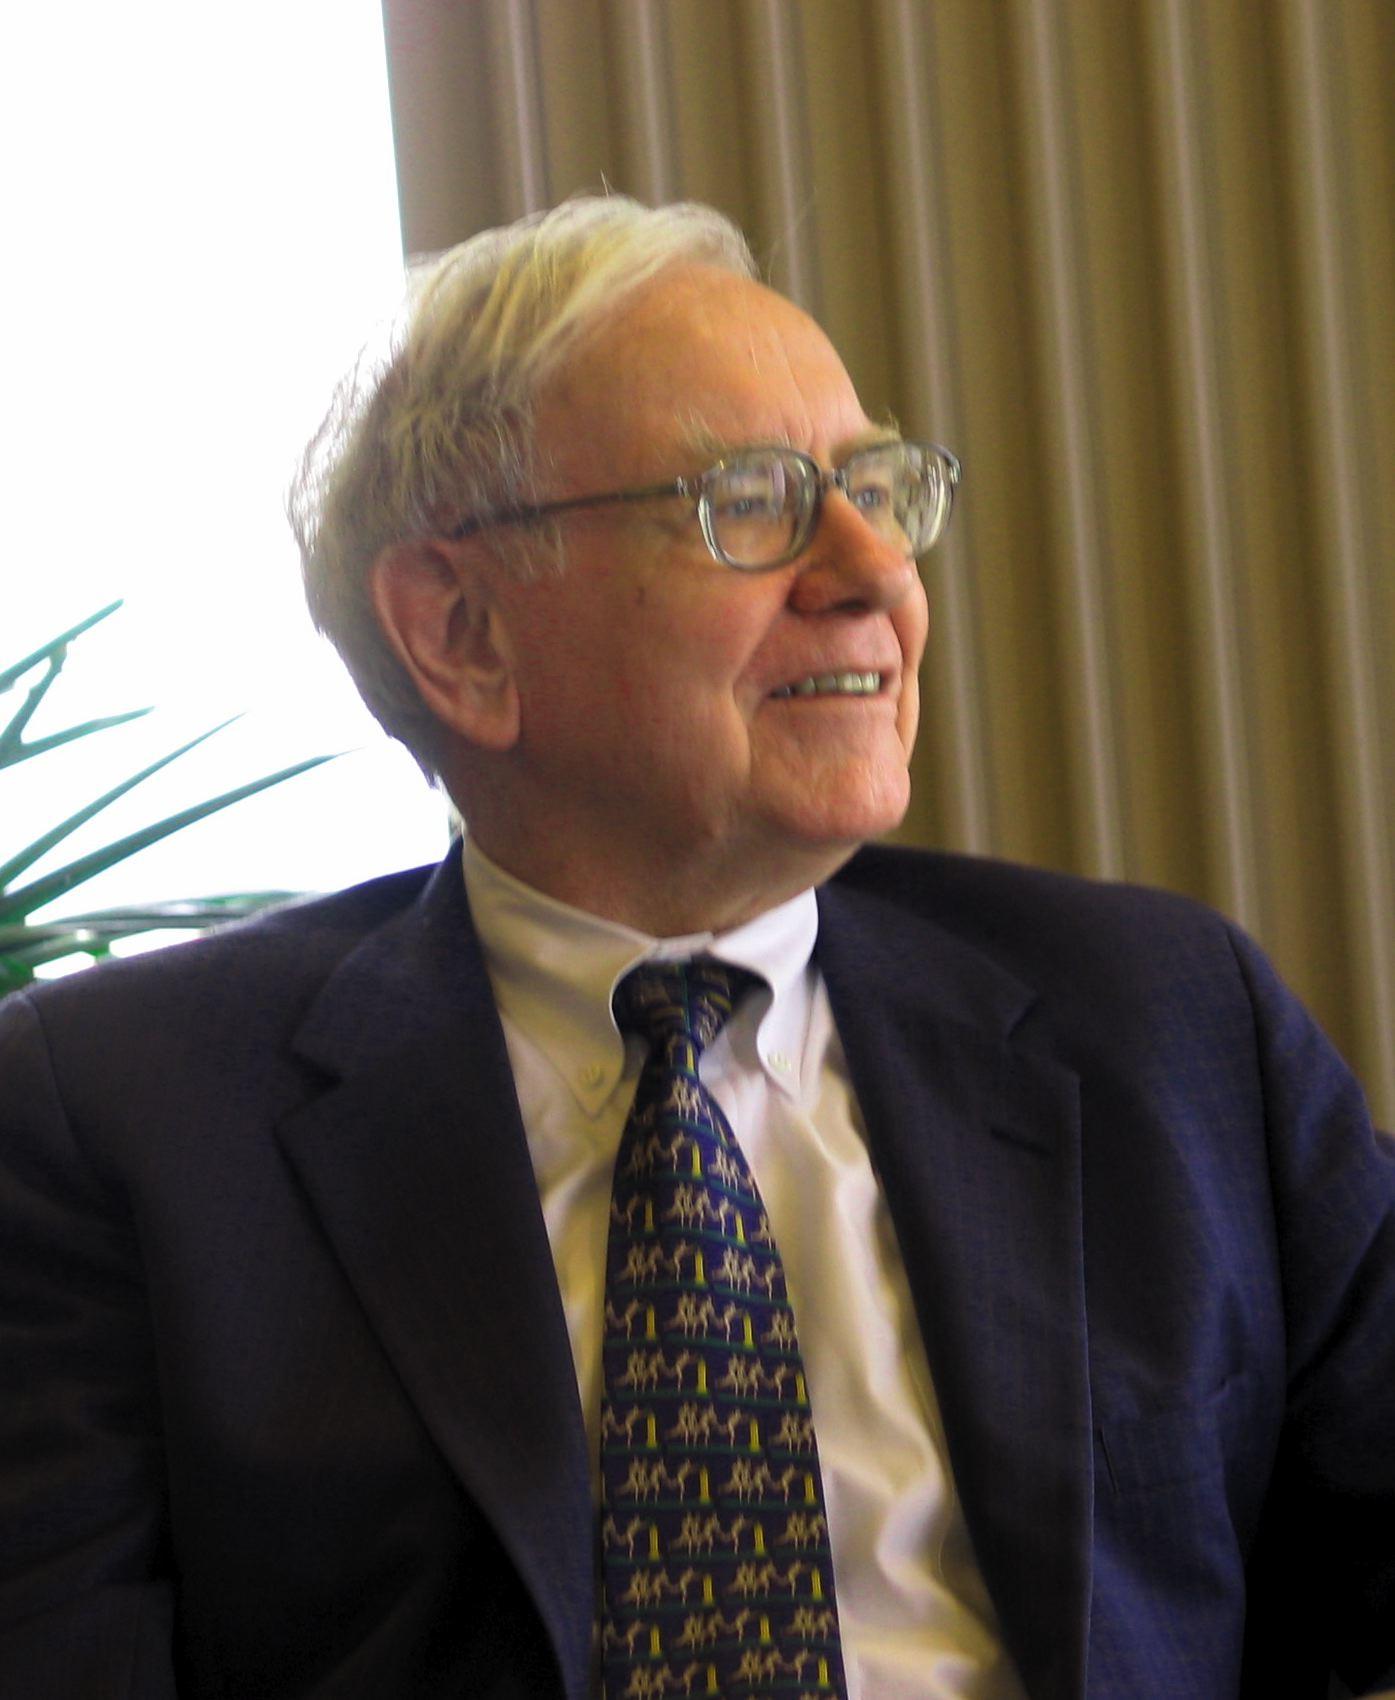 資産840億ドルの投資家 ウォーレン・バフェットから学ぶ成功人生の送り方